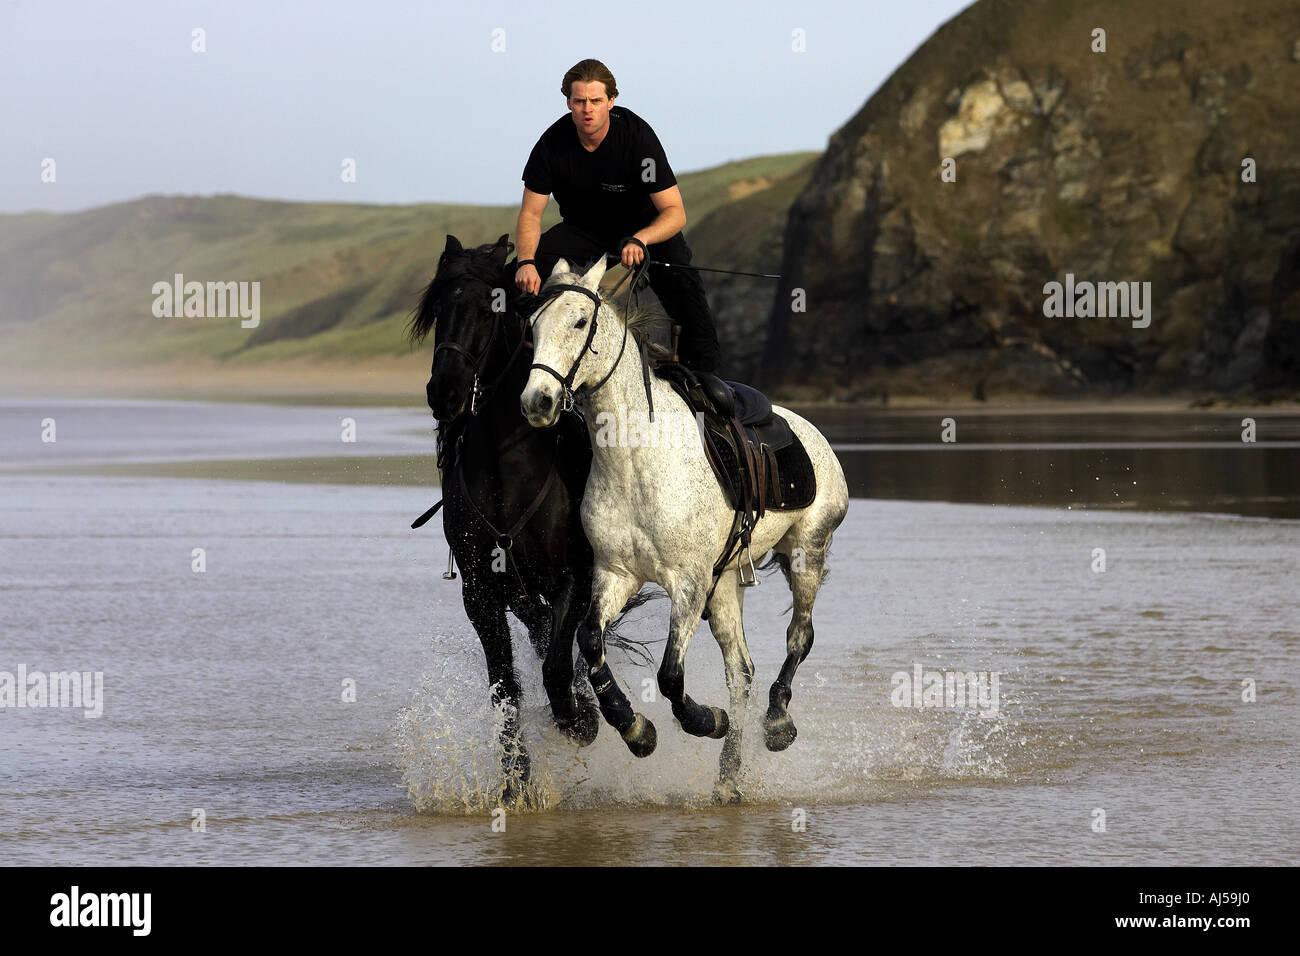 Reiter reitet zwei Pferde Throught das Meer Stockfoto